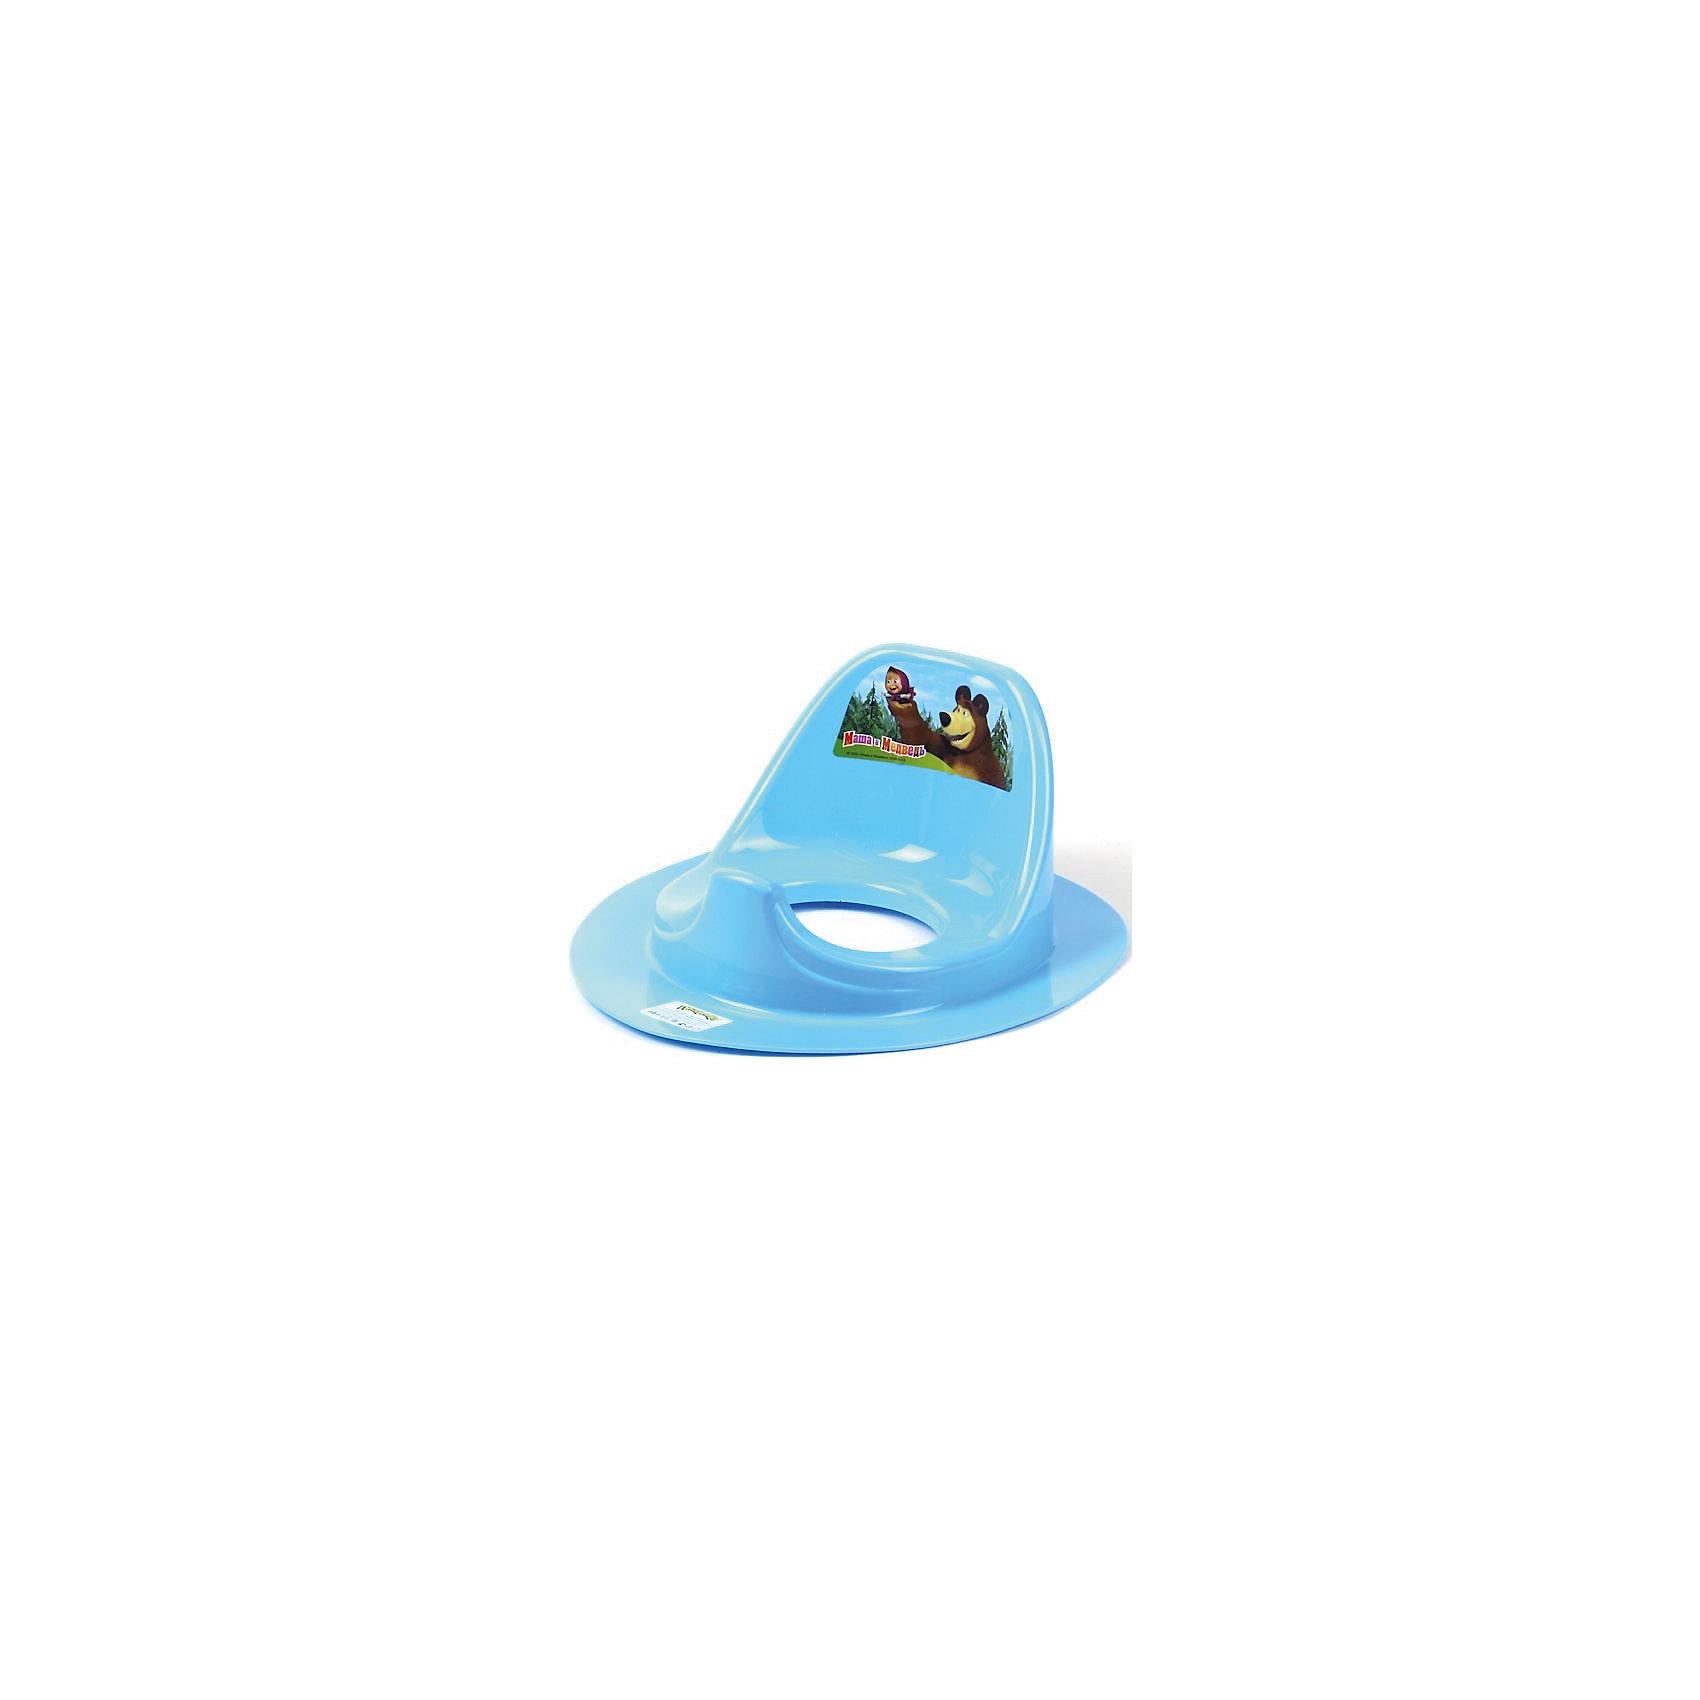 Пластишка Накладка на унитаз Маша и Медведь, Пластишка, пластишка горка для купания детей пластишка